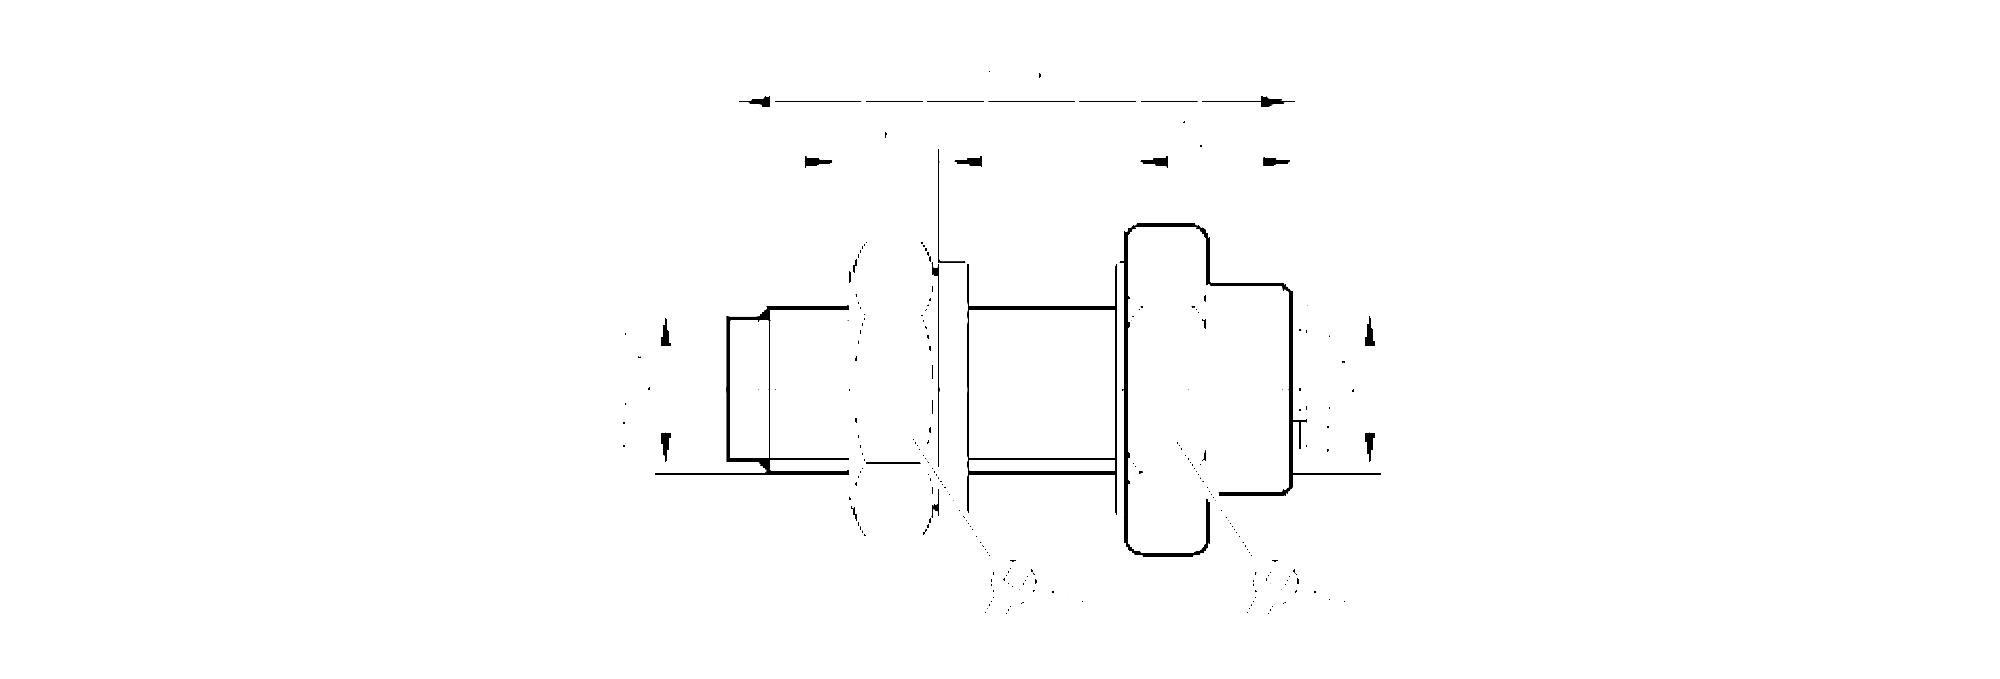 e73009 - wall passage